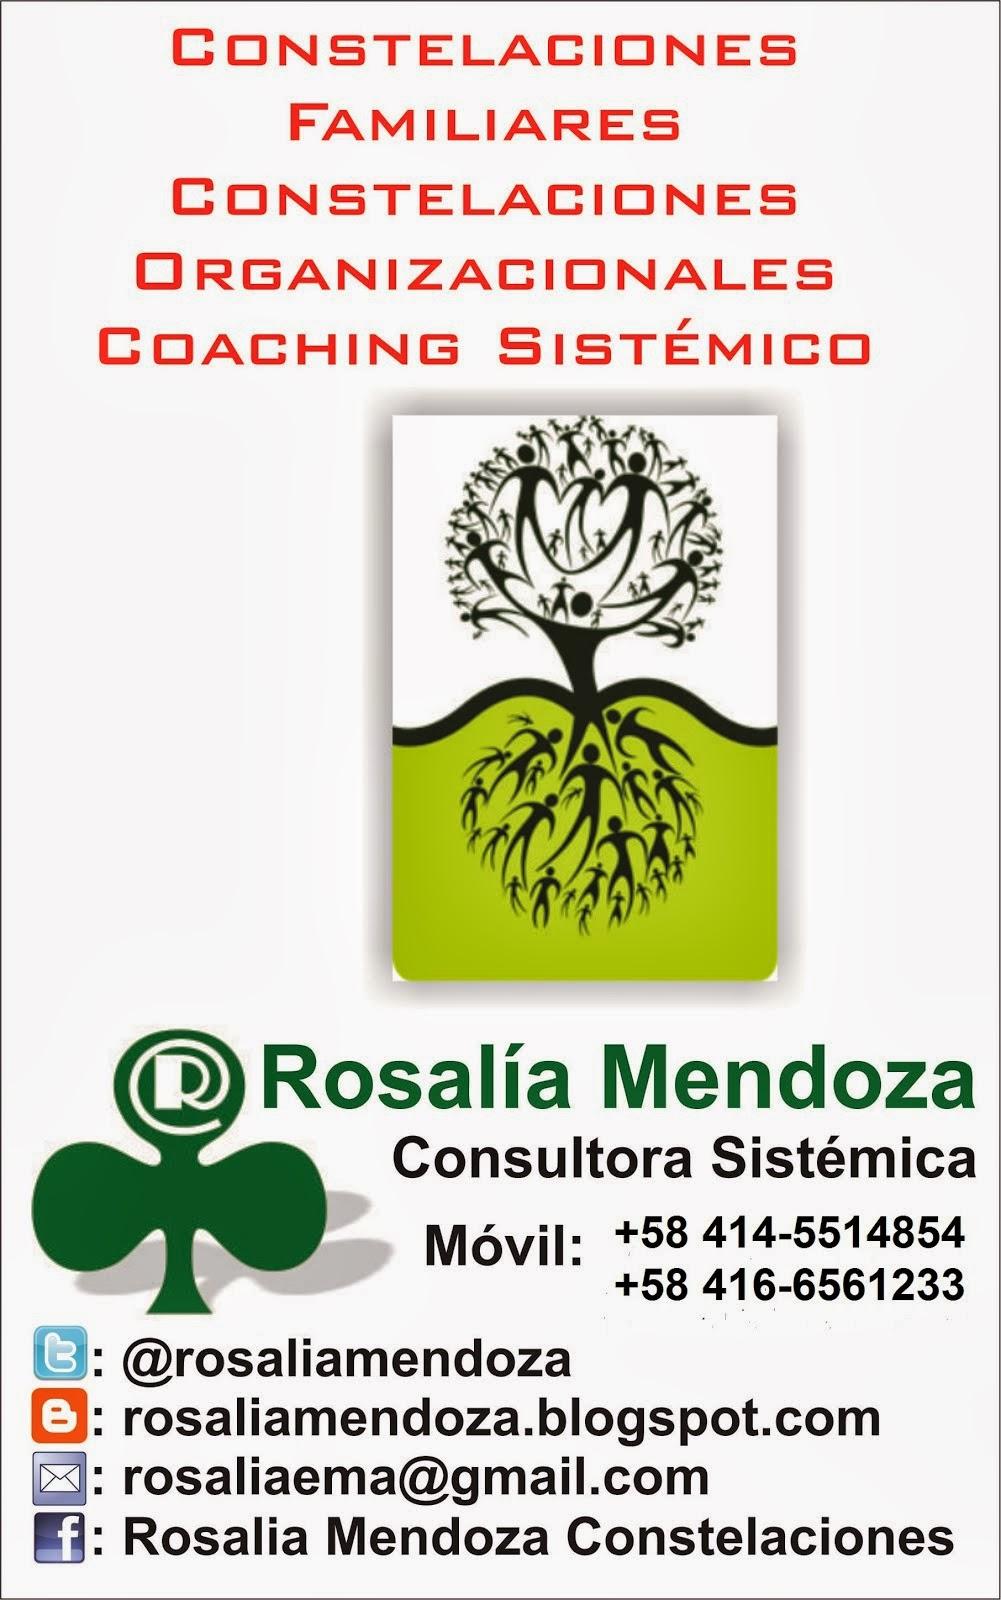 Rosalía Mendoza